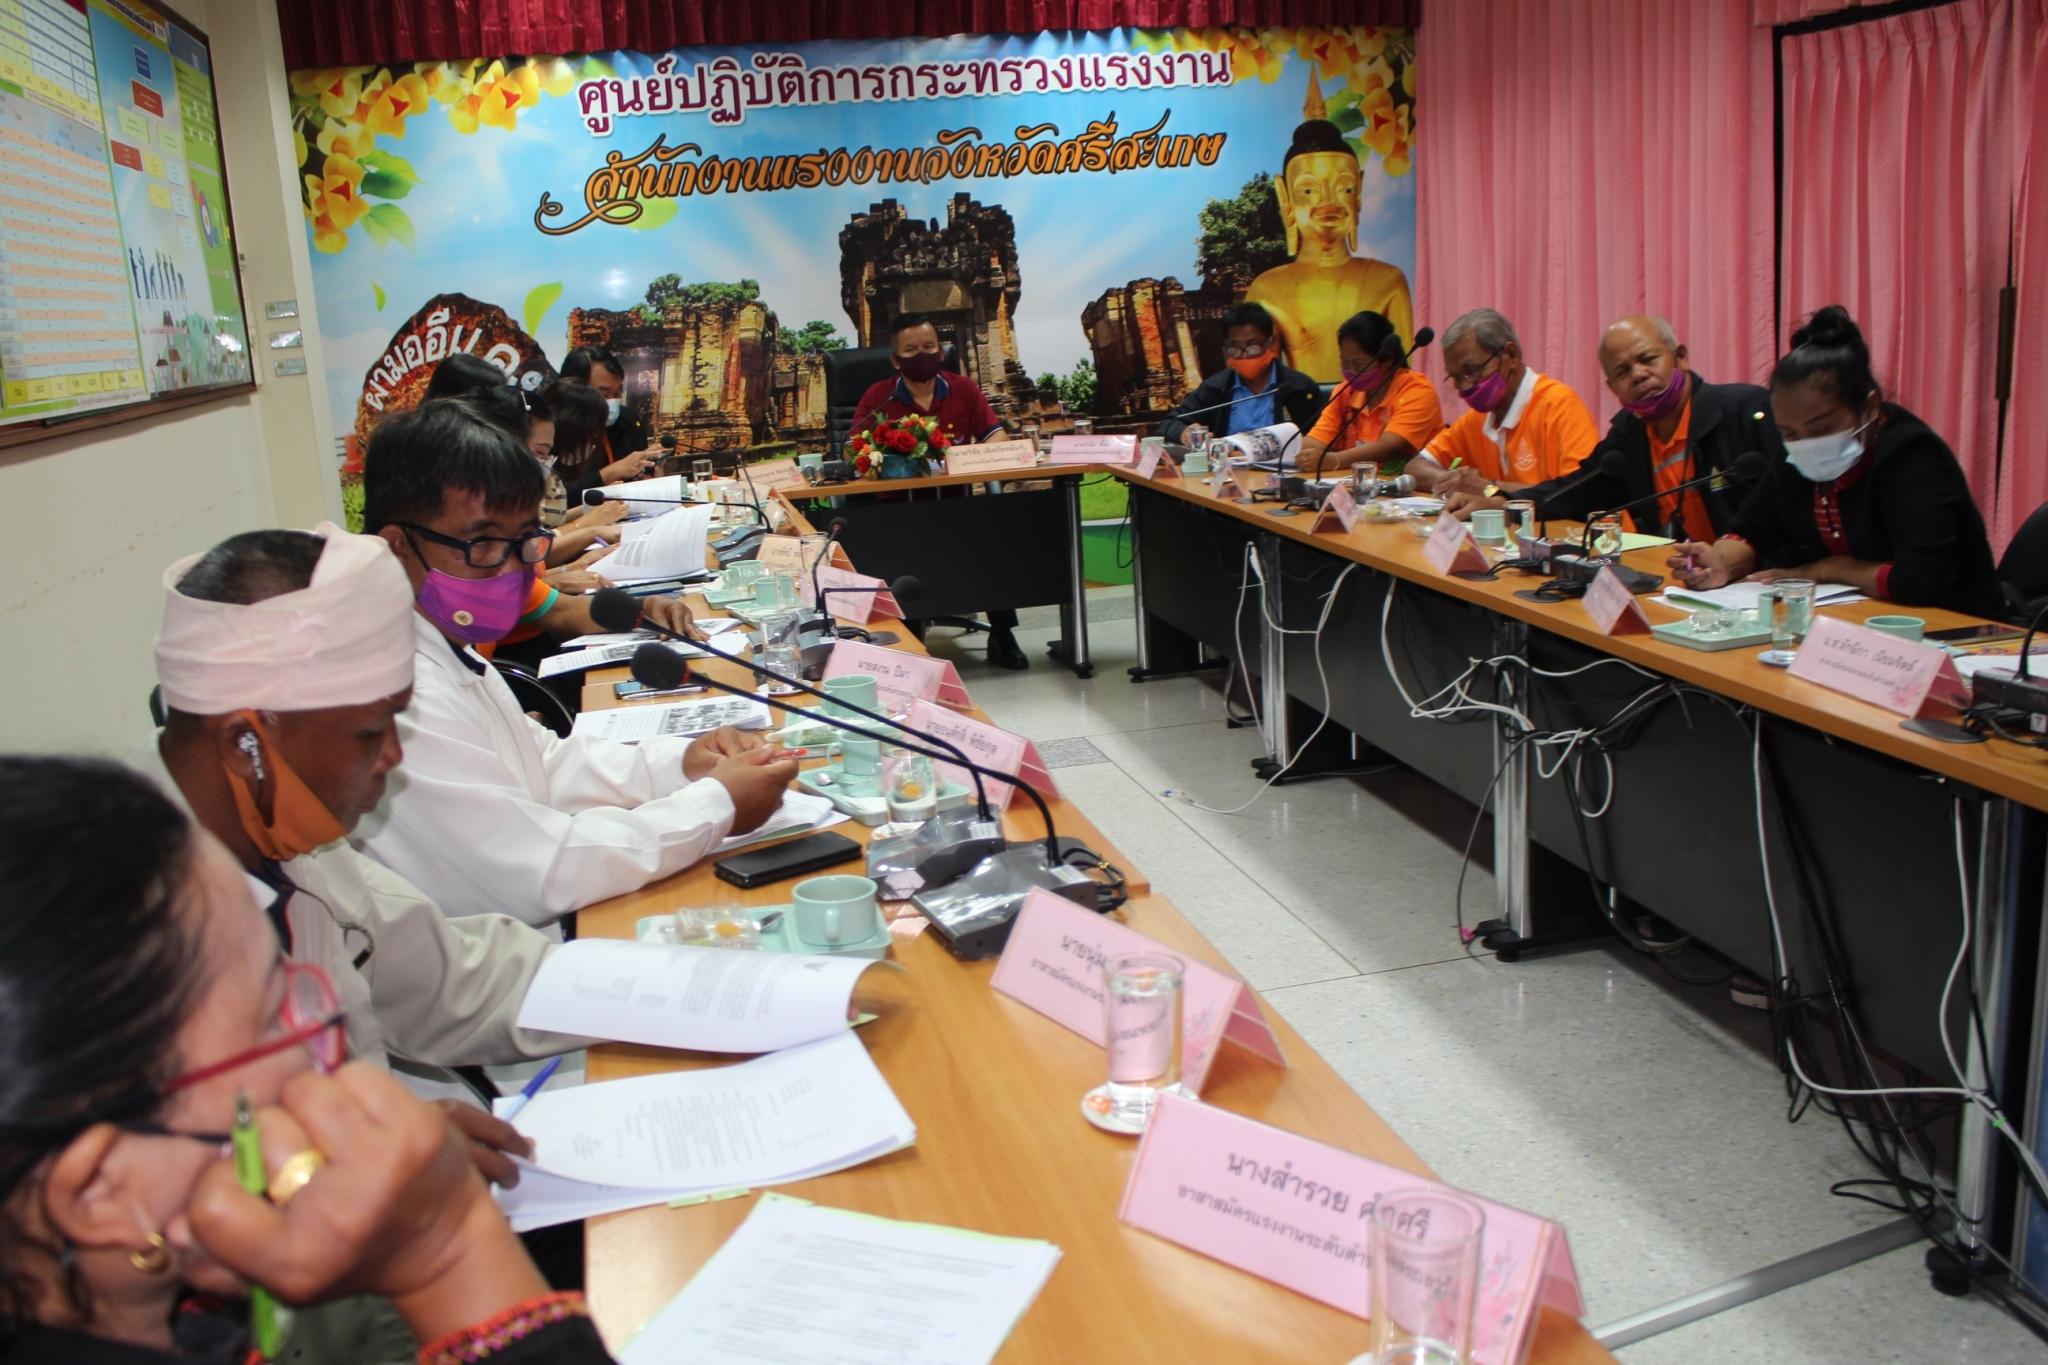 การประชุมคณะกรรมการศูนย์ประสานงานแรงงานนอกระบบจังหวัดศรีสะเกษ (ภาคประชาชน)